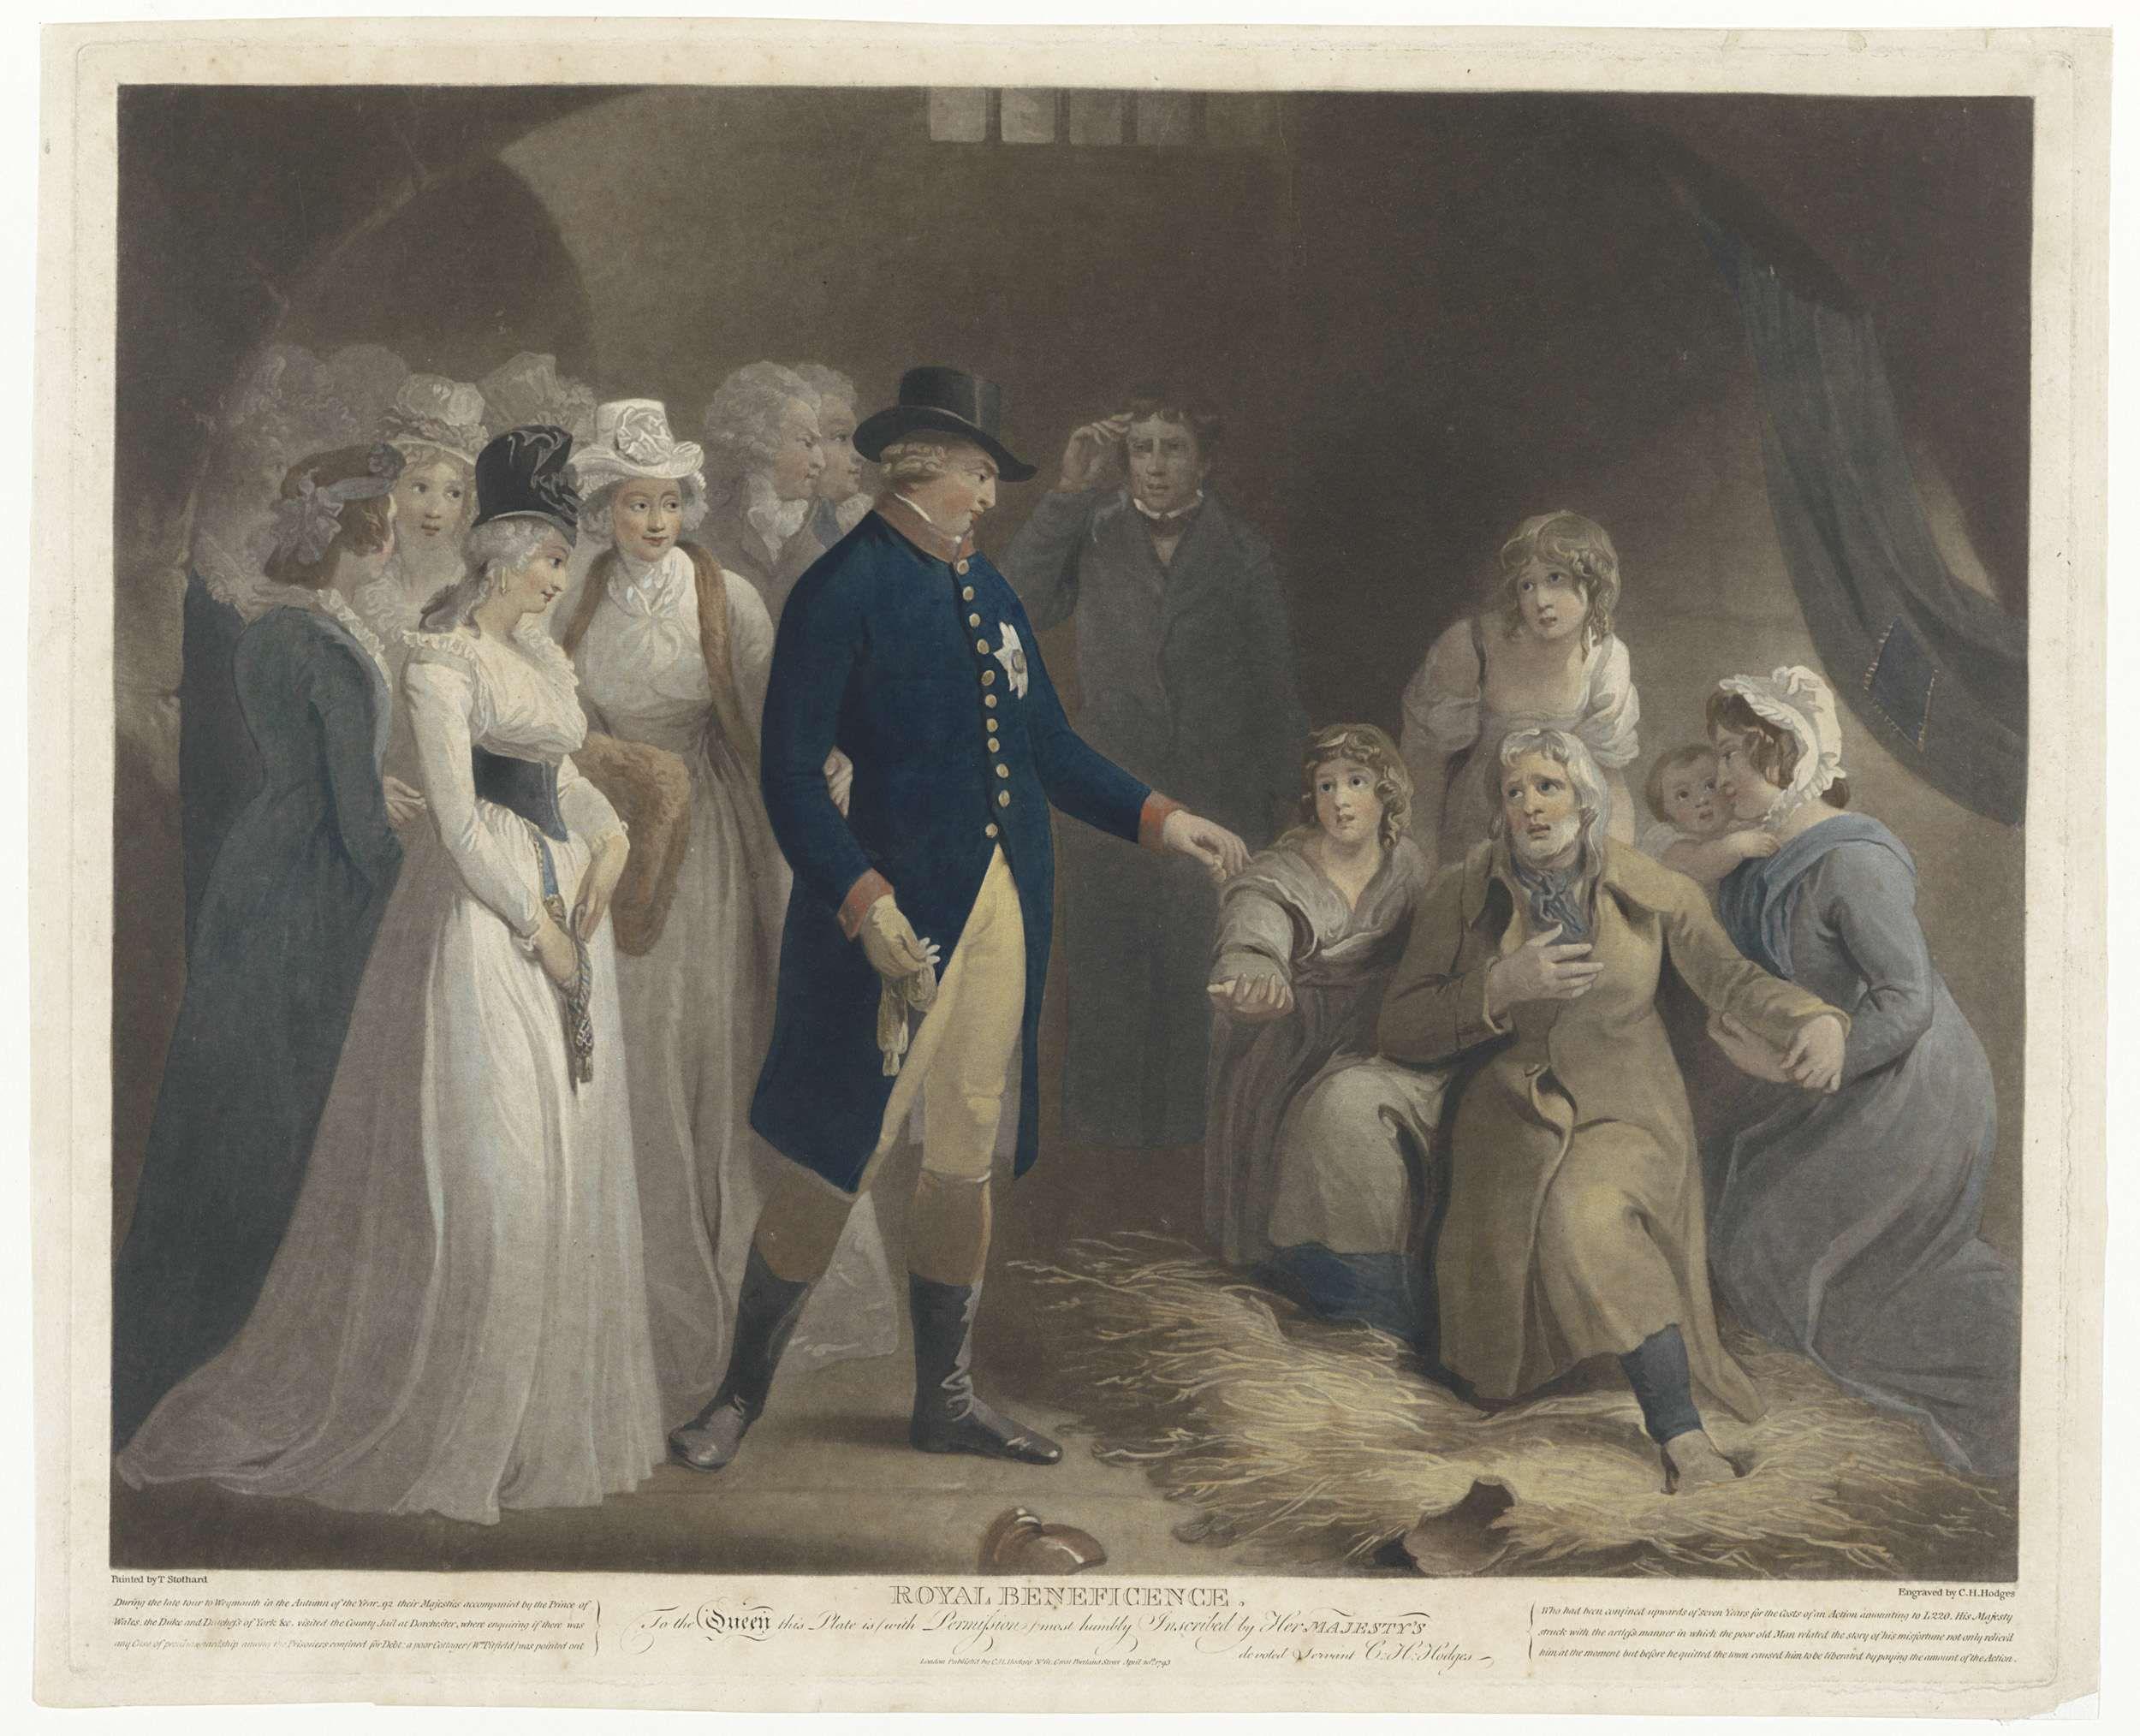 Charles Howard Hodges | George III bezoekt met zijn familie de gevangenis te Dorchester, Charles Howard Hodges, 1793 | George III, koning van Groot-Brittanië en Hannover, bezoekt met de koninklijke familie de gevangenis te Dorchester. Hij schenkt geld aan een oude man die met zijn vrouw en hun drie dochters op de knieën in het stro zitten. Met het geld kan de man zich uit het gevang kopen.